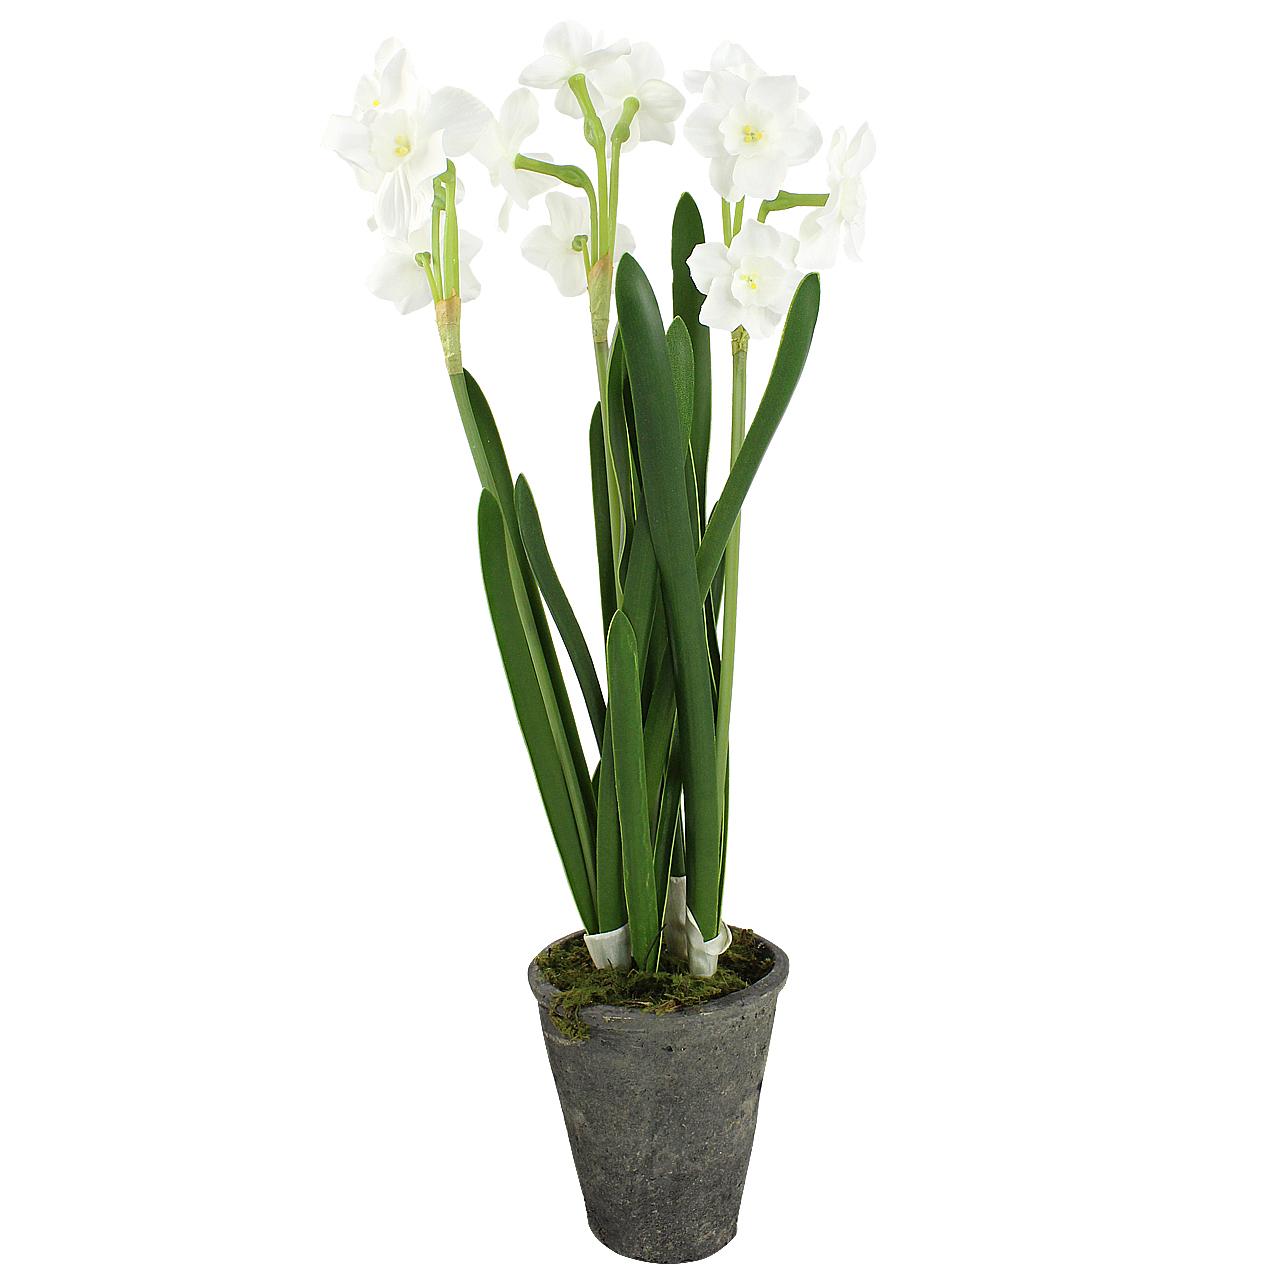 Floare decorativa Narcisa in ghiveci 48 cm( 391668)